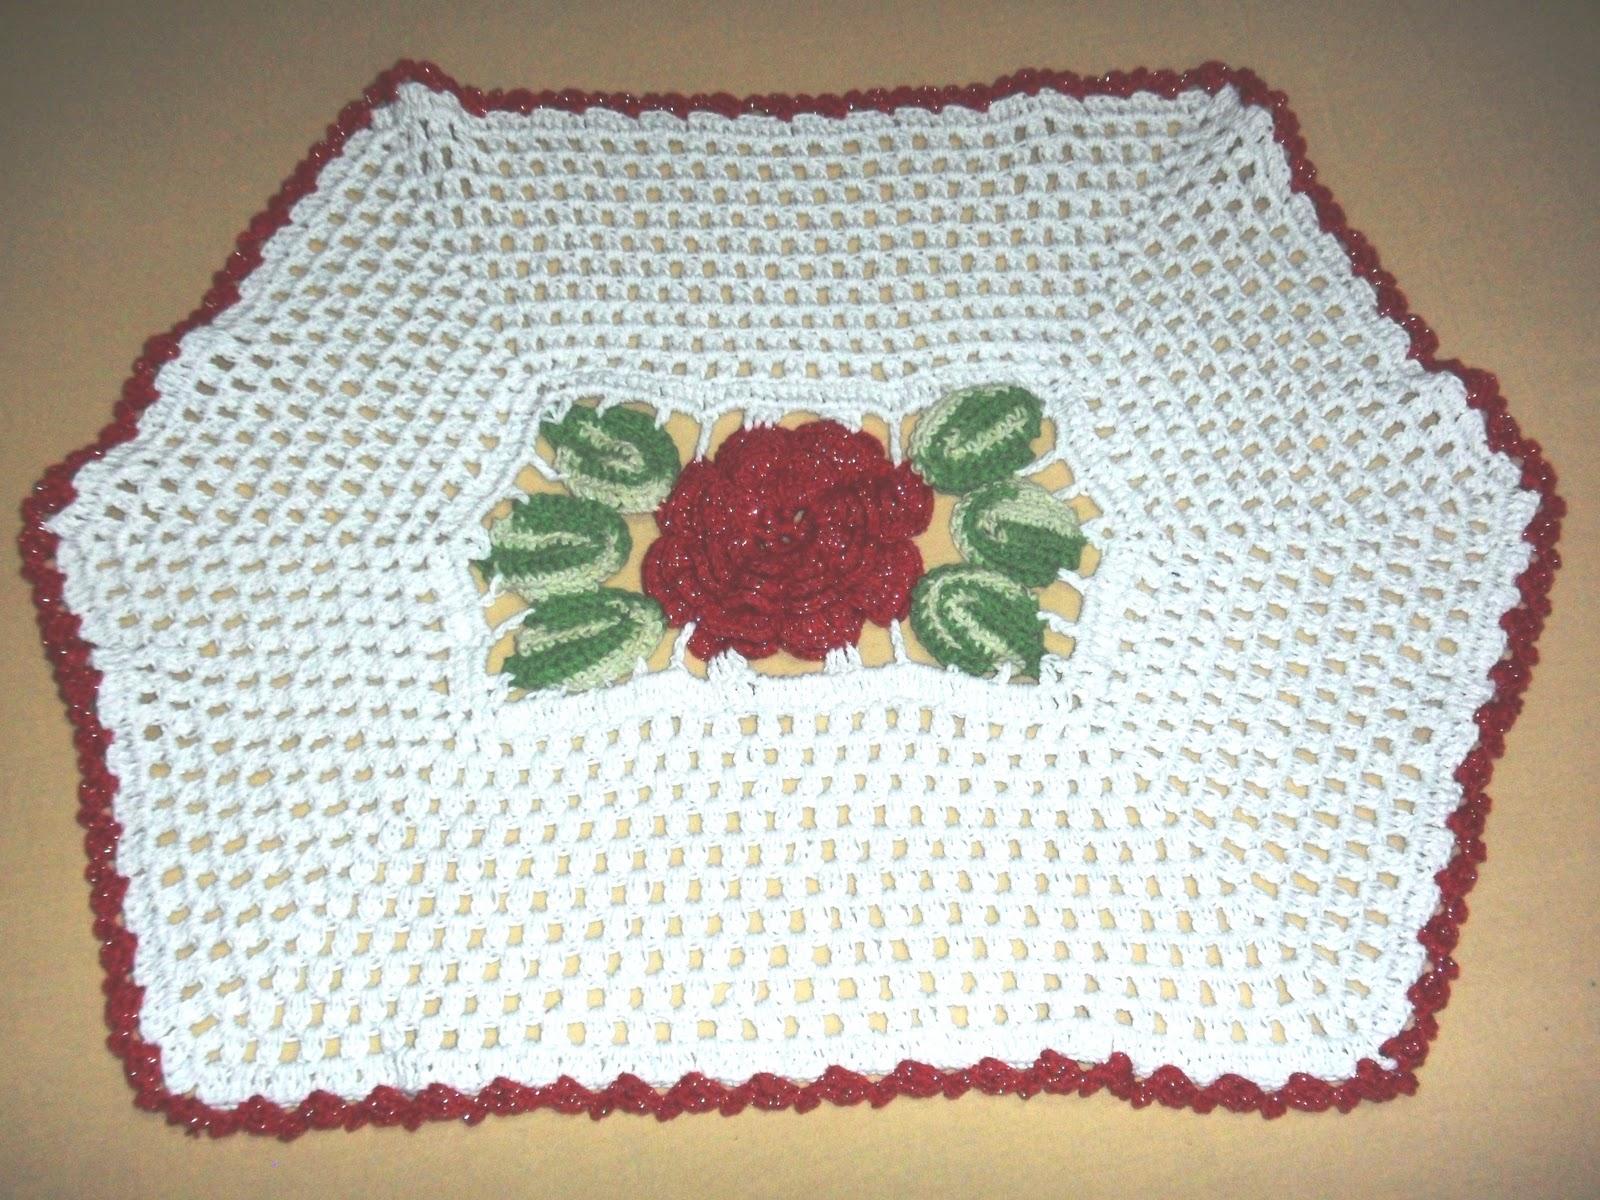 Jogos De Banheiro Vermelho E Branco : Bete barbante croche jogo banheiro rosas vermelhas